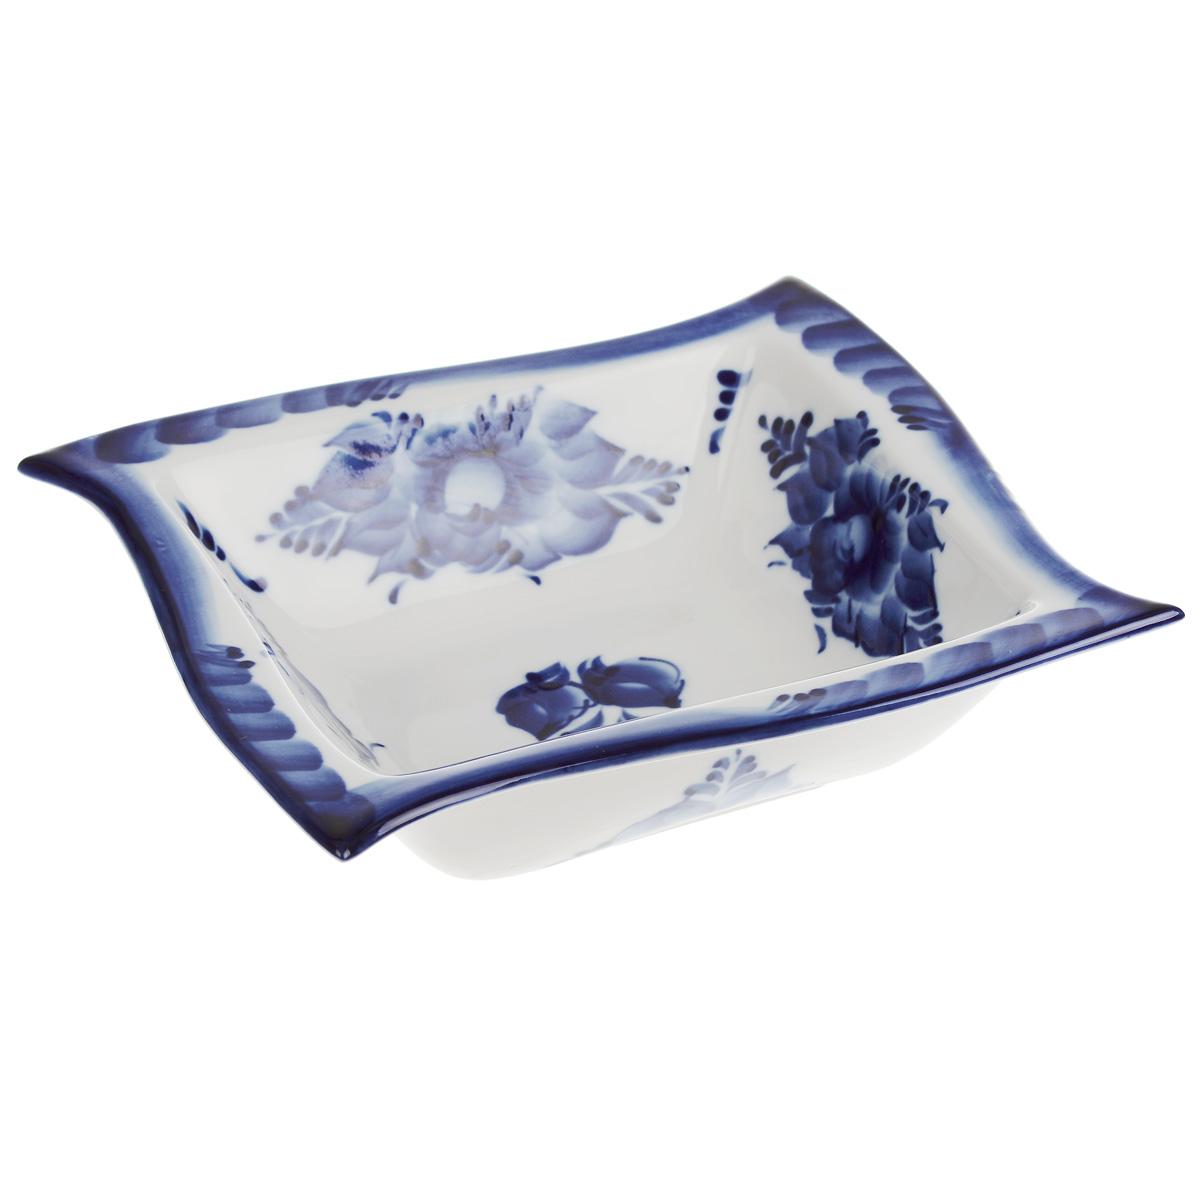 Салатник Волна, цвет: белый, синий, 17,5 х 17,5 х 4,5 см115610Салатник Волна, изготовленный из фарфора, доставит истинное удовольствие ценителям прекрасного. Изделие оформлено росписью в технике гжель. Яркий дизайн, несомненно, придется вам по вкусу.Салатник Волна украсит ваш кухонный стол, а также станет замечательным подарком к любому празднику.